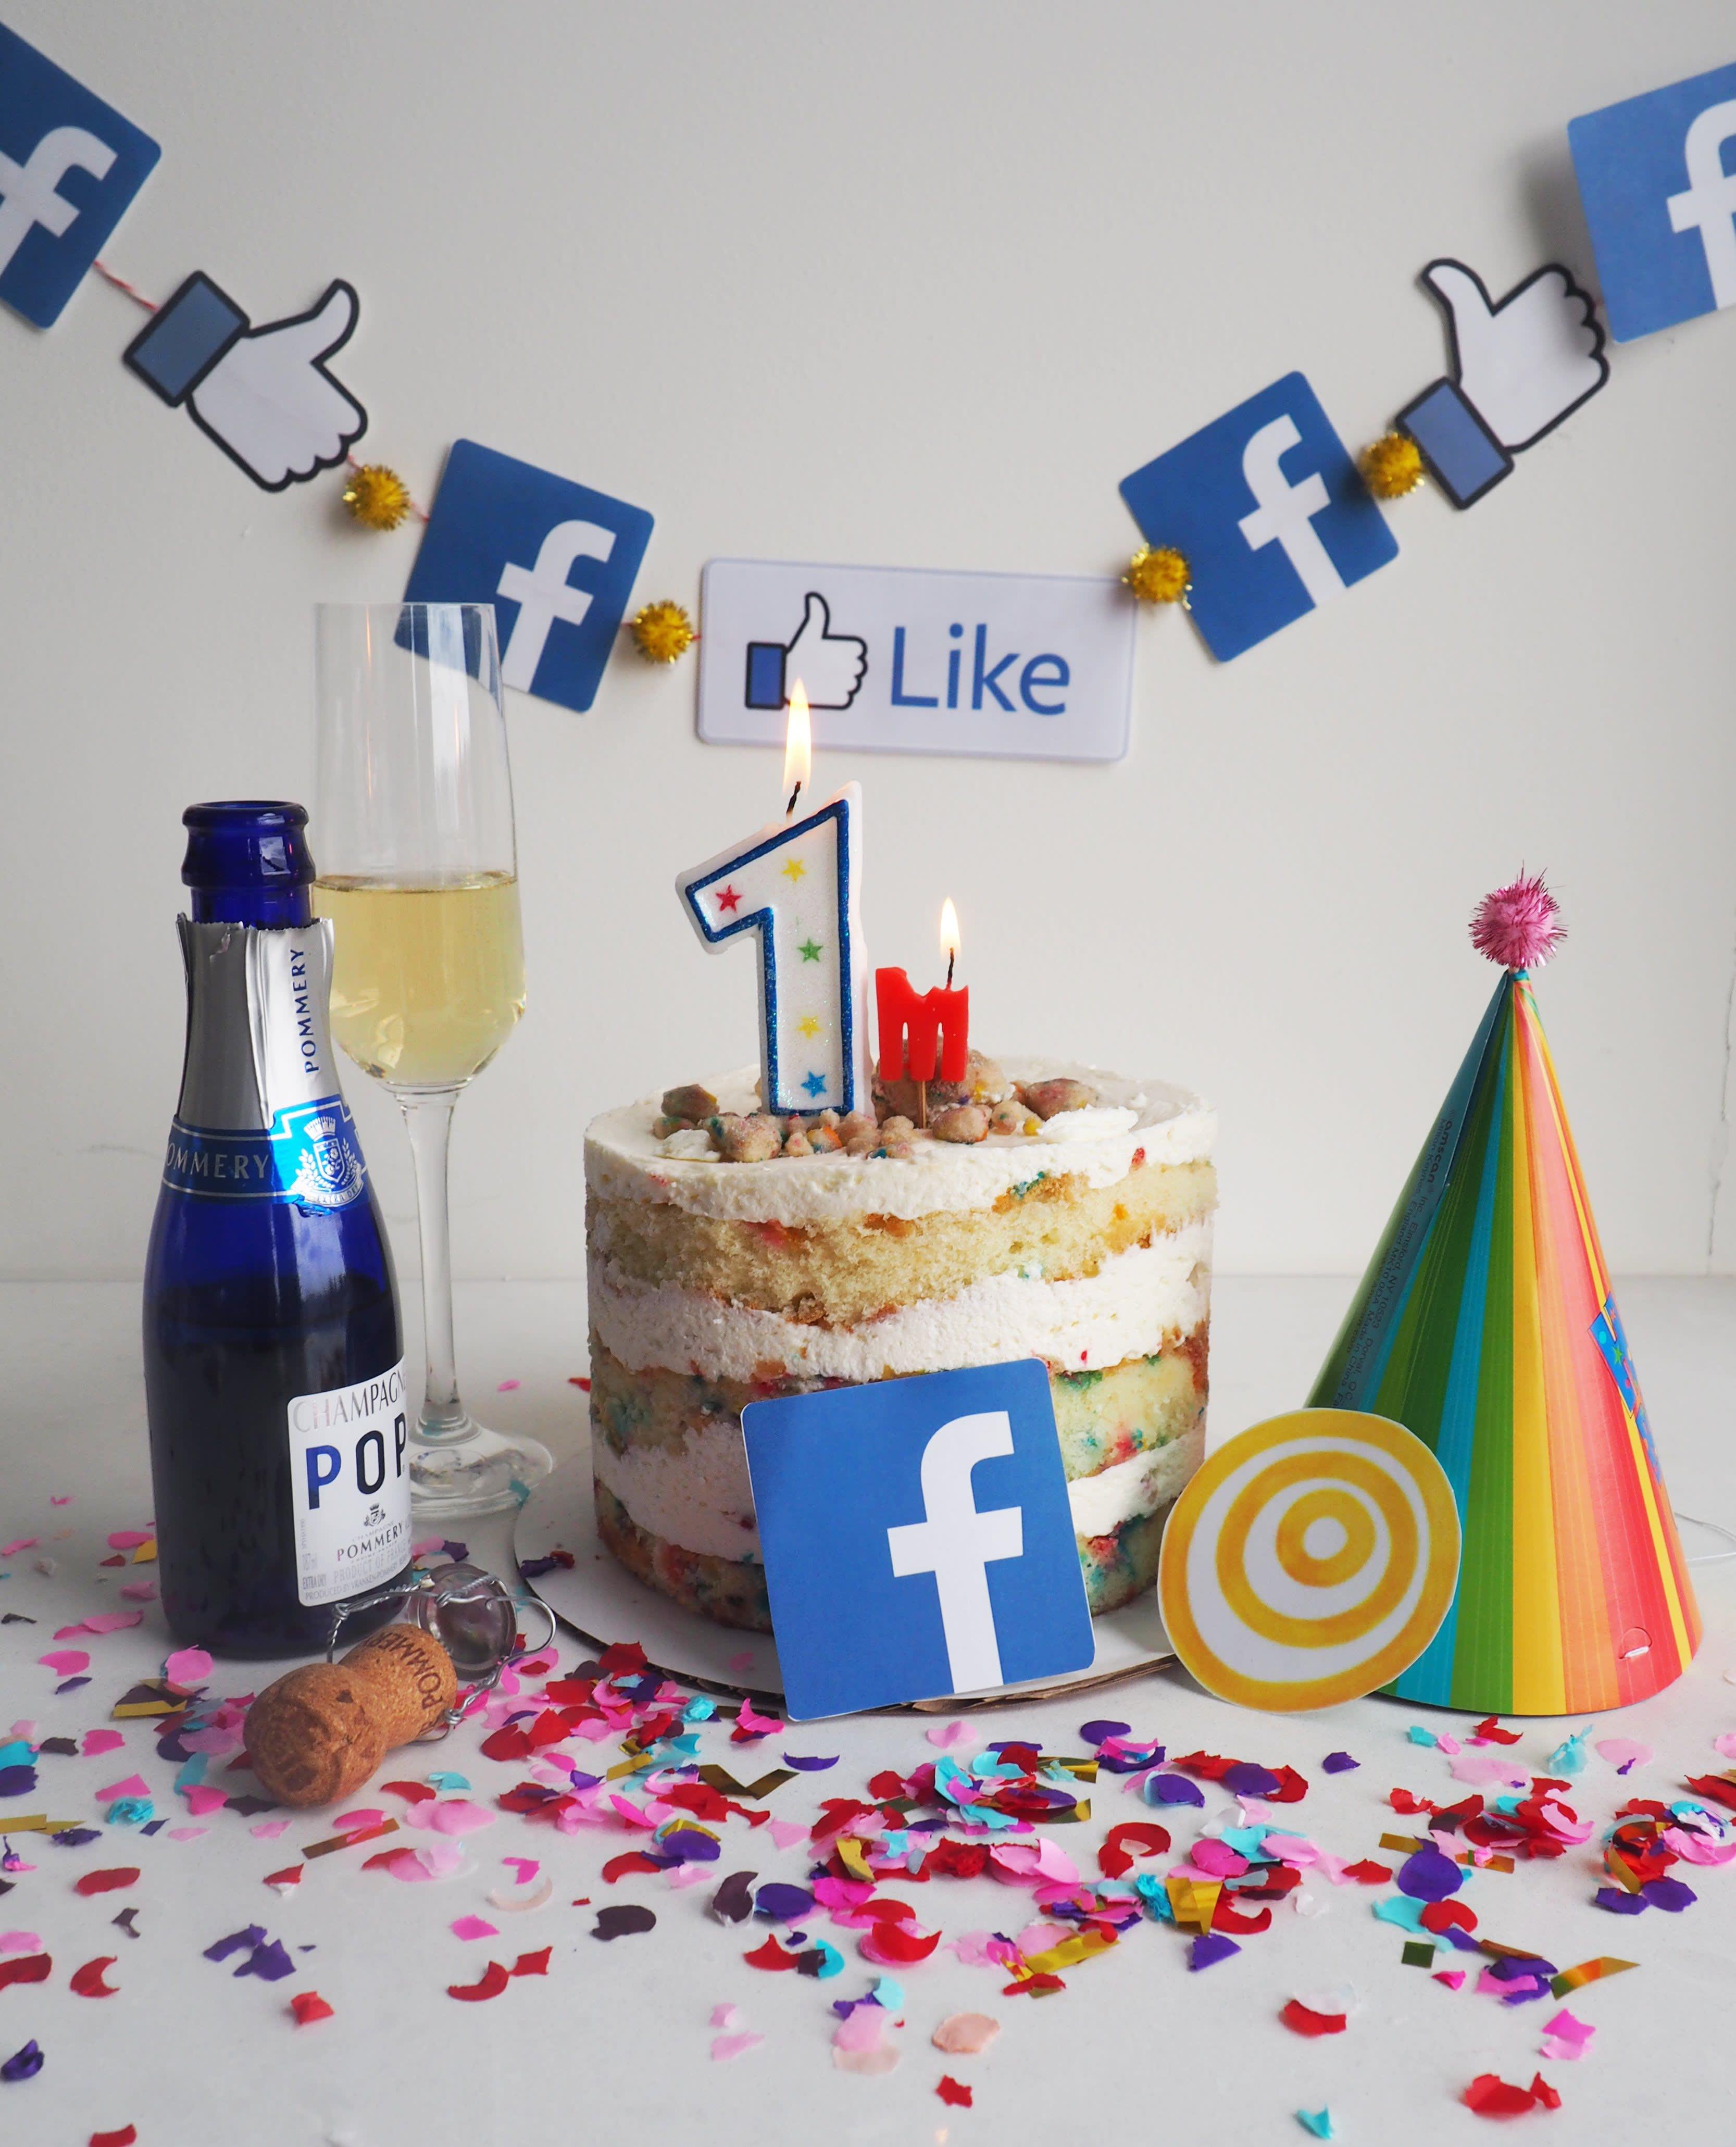 1 Million Followers on Facebook